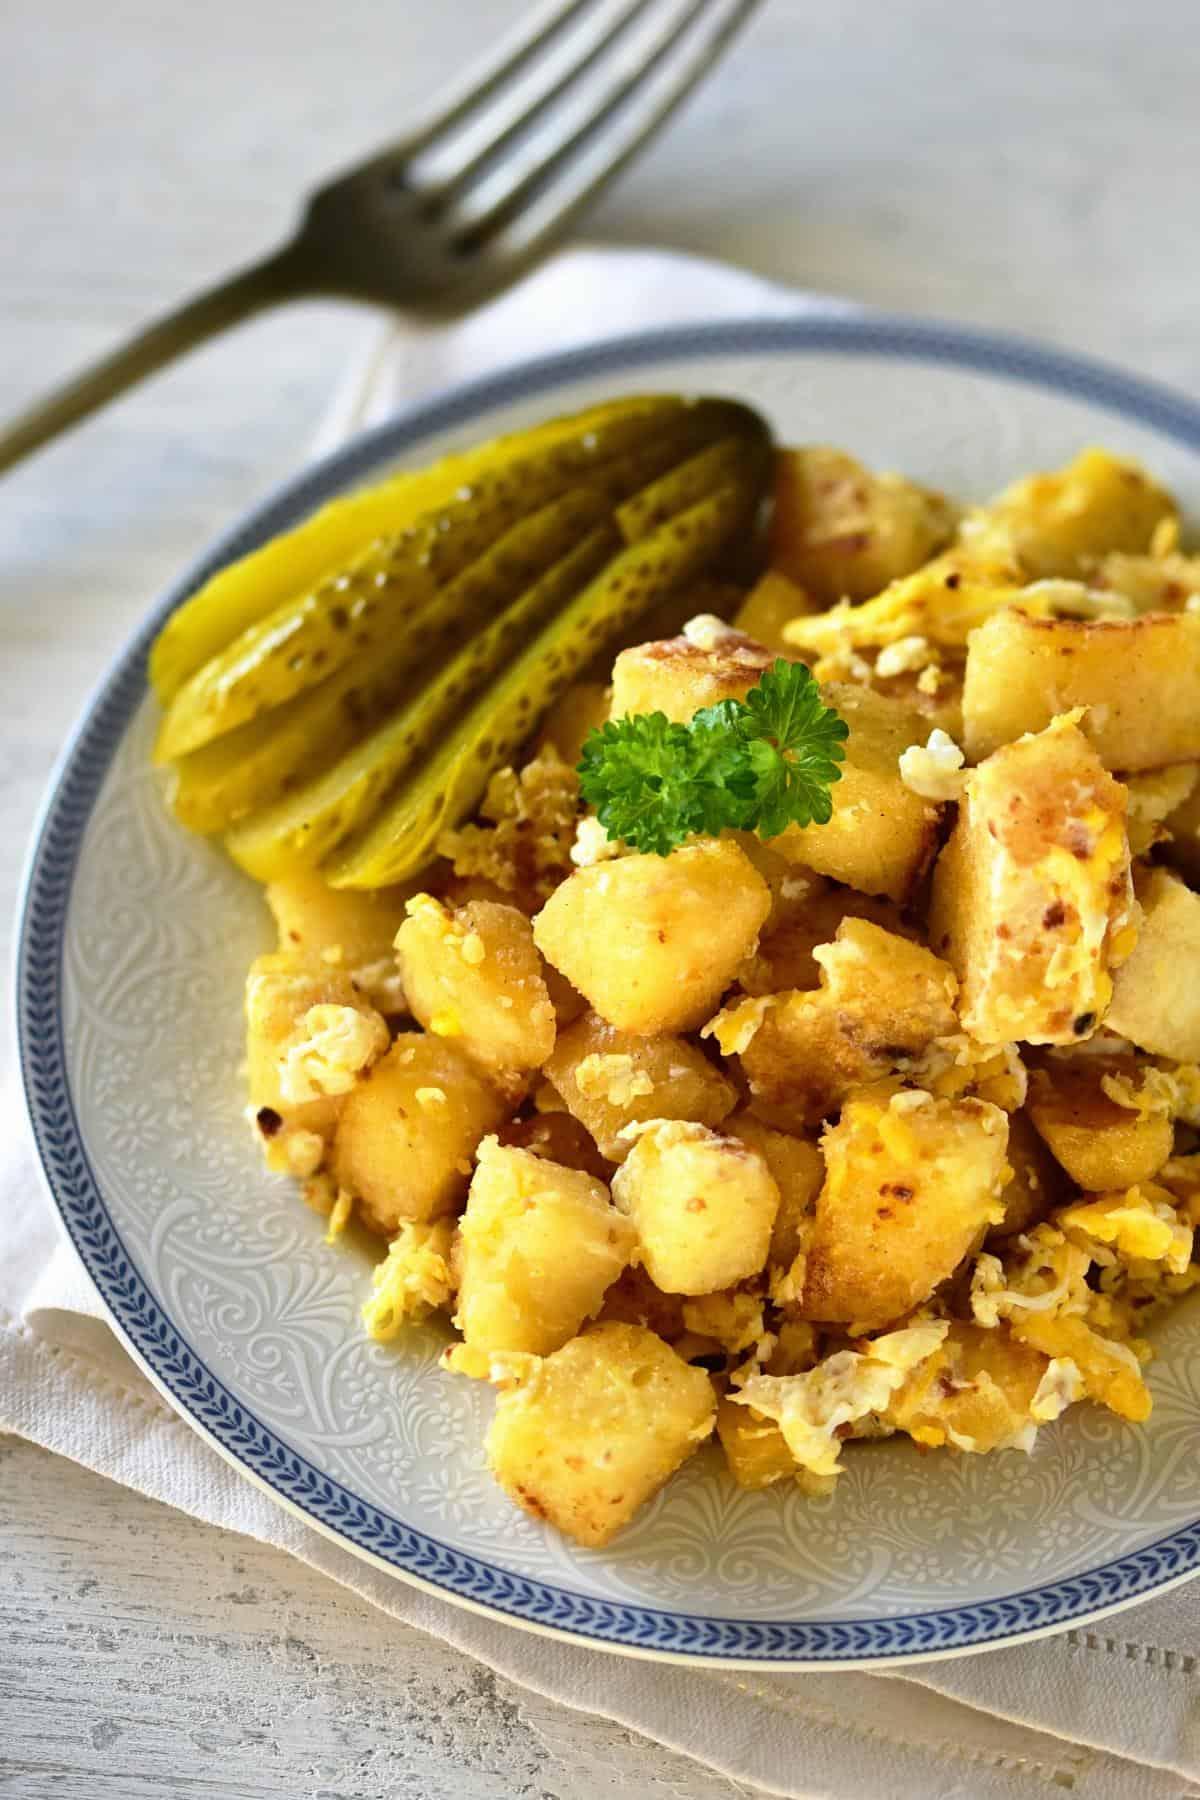 Knedlíky s vejci serving with picles